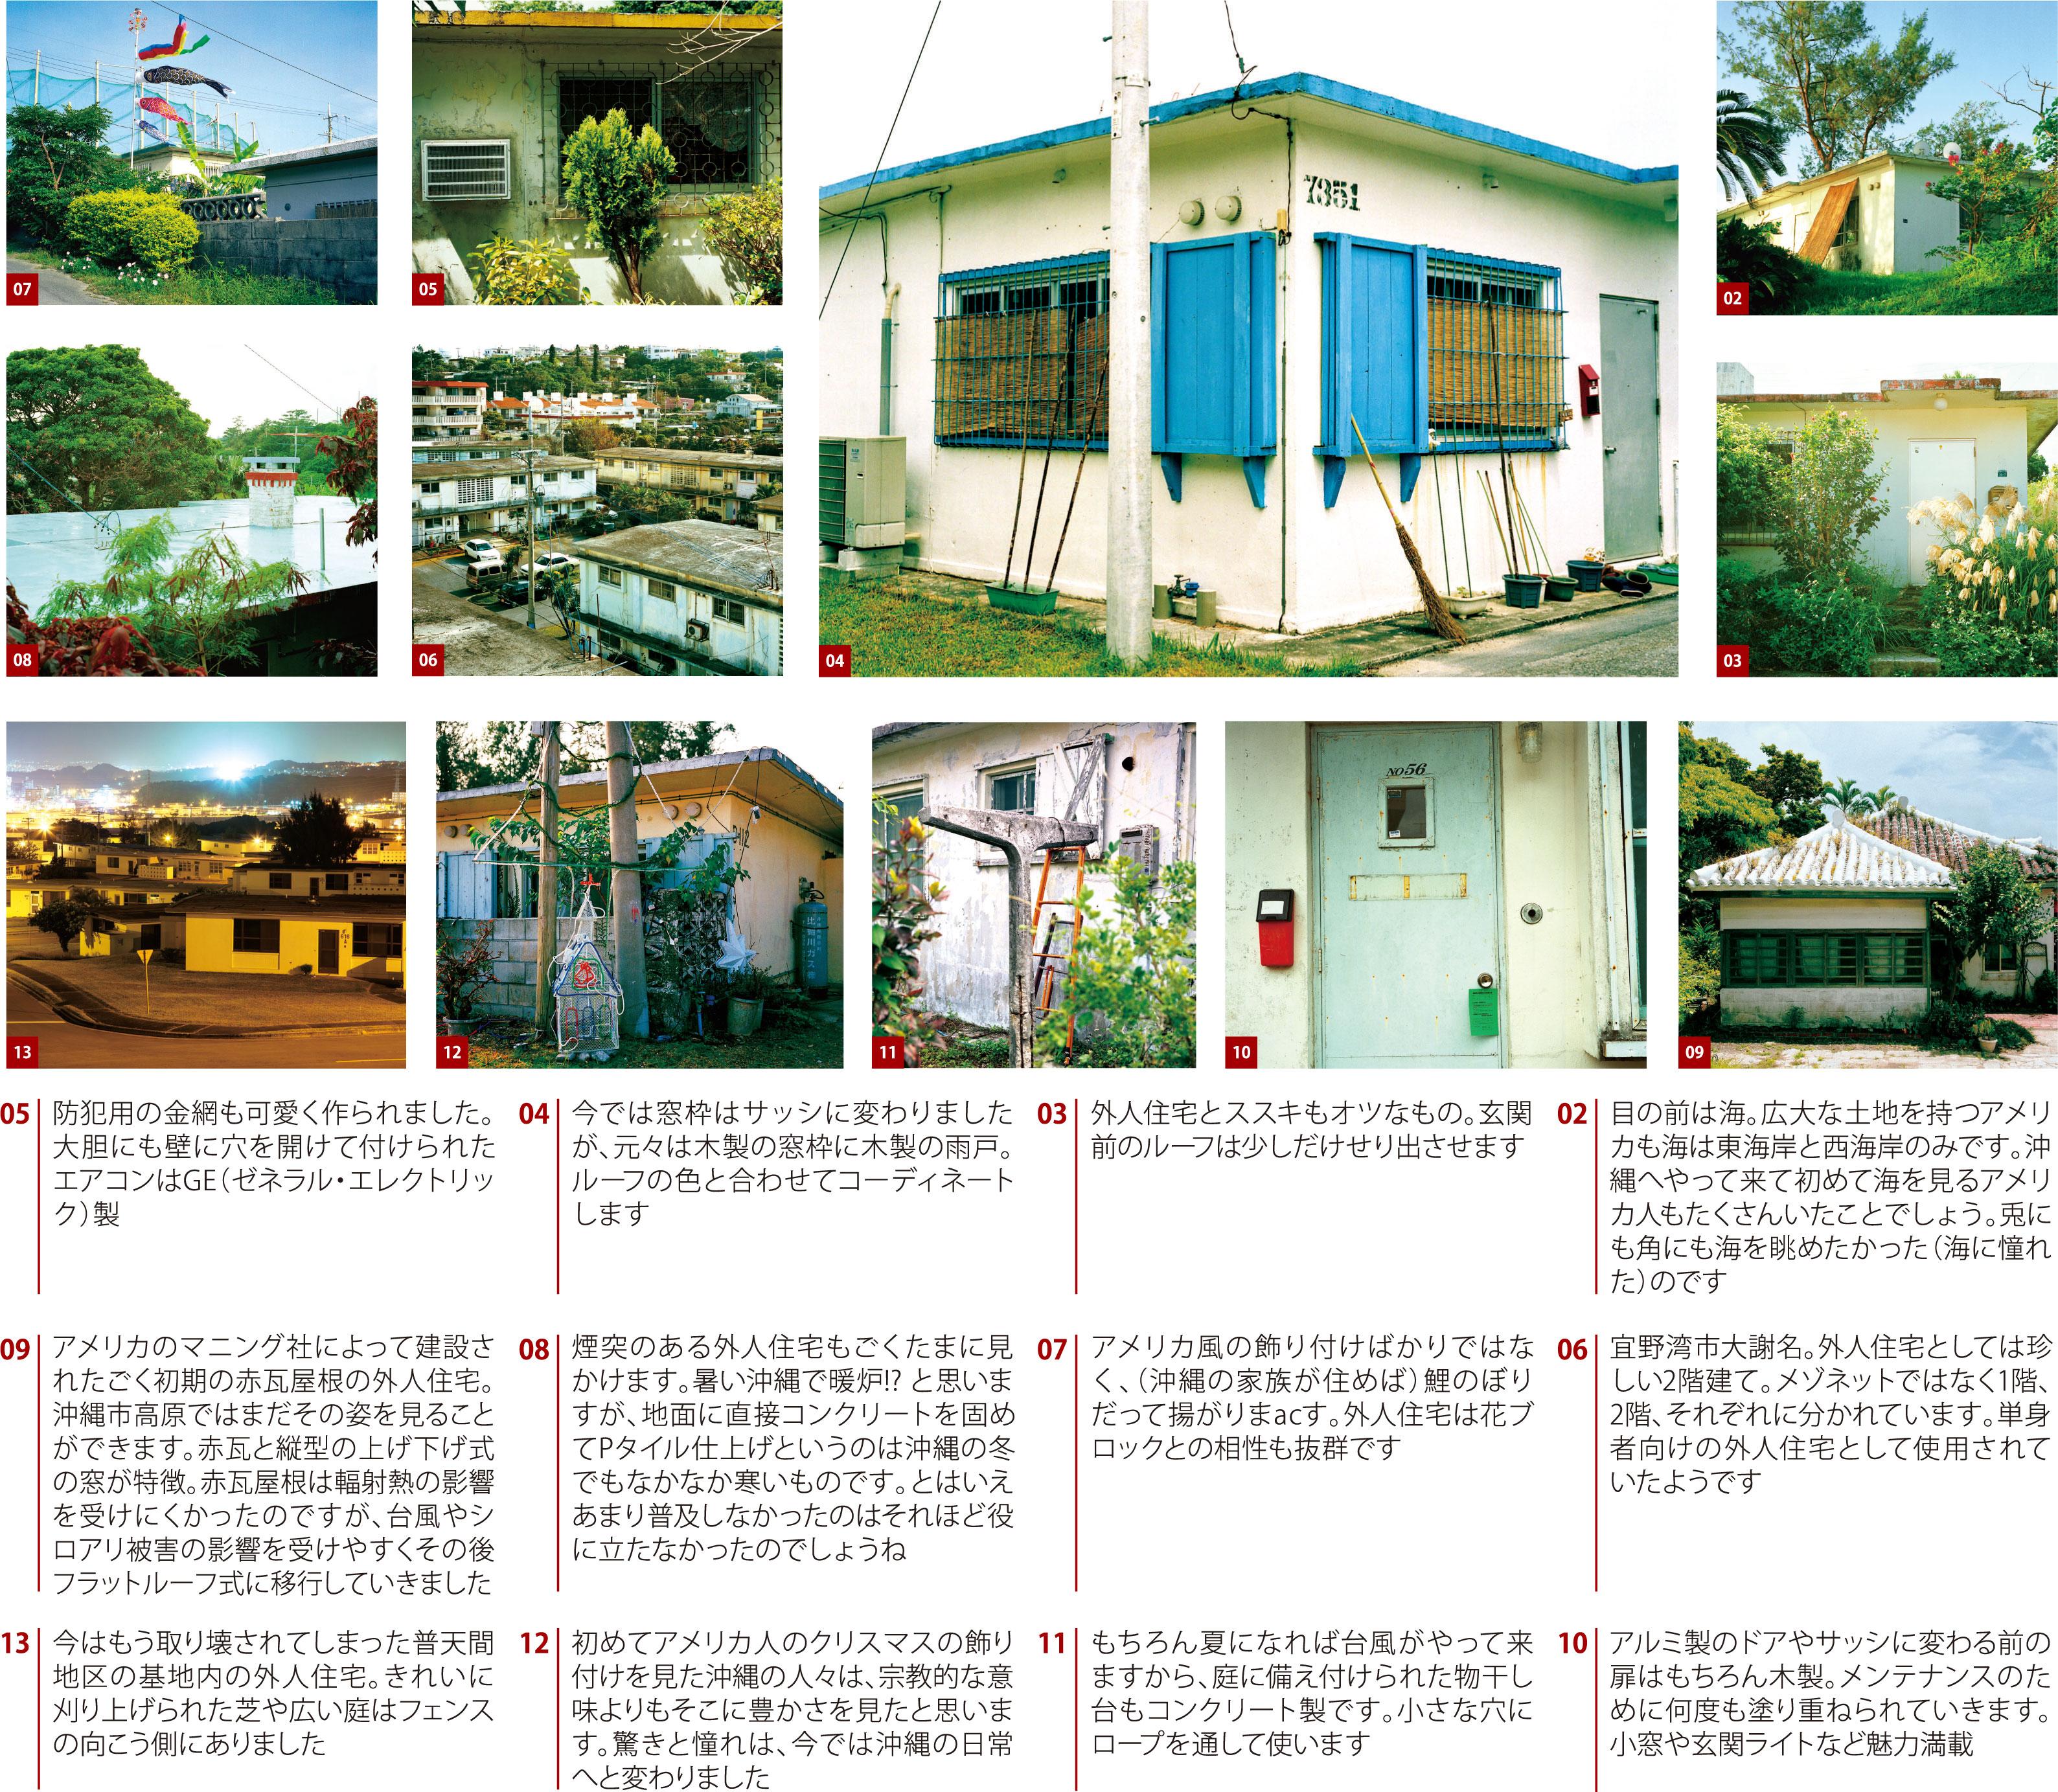 憧れと外人住宅沖縄島建築 インサイドストーリー Episode6